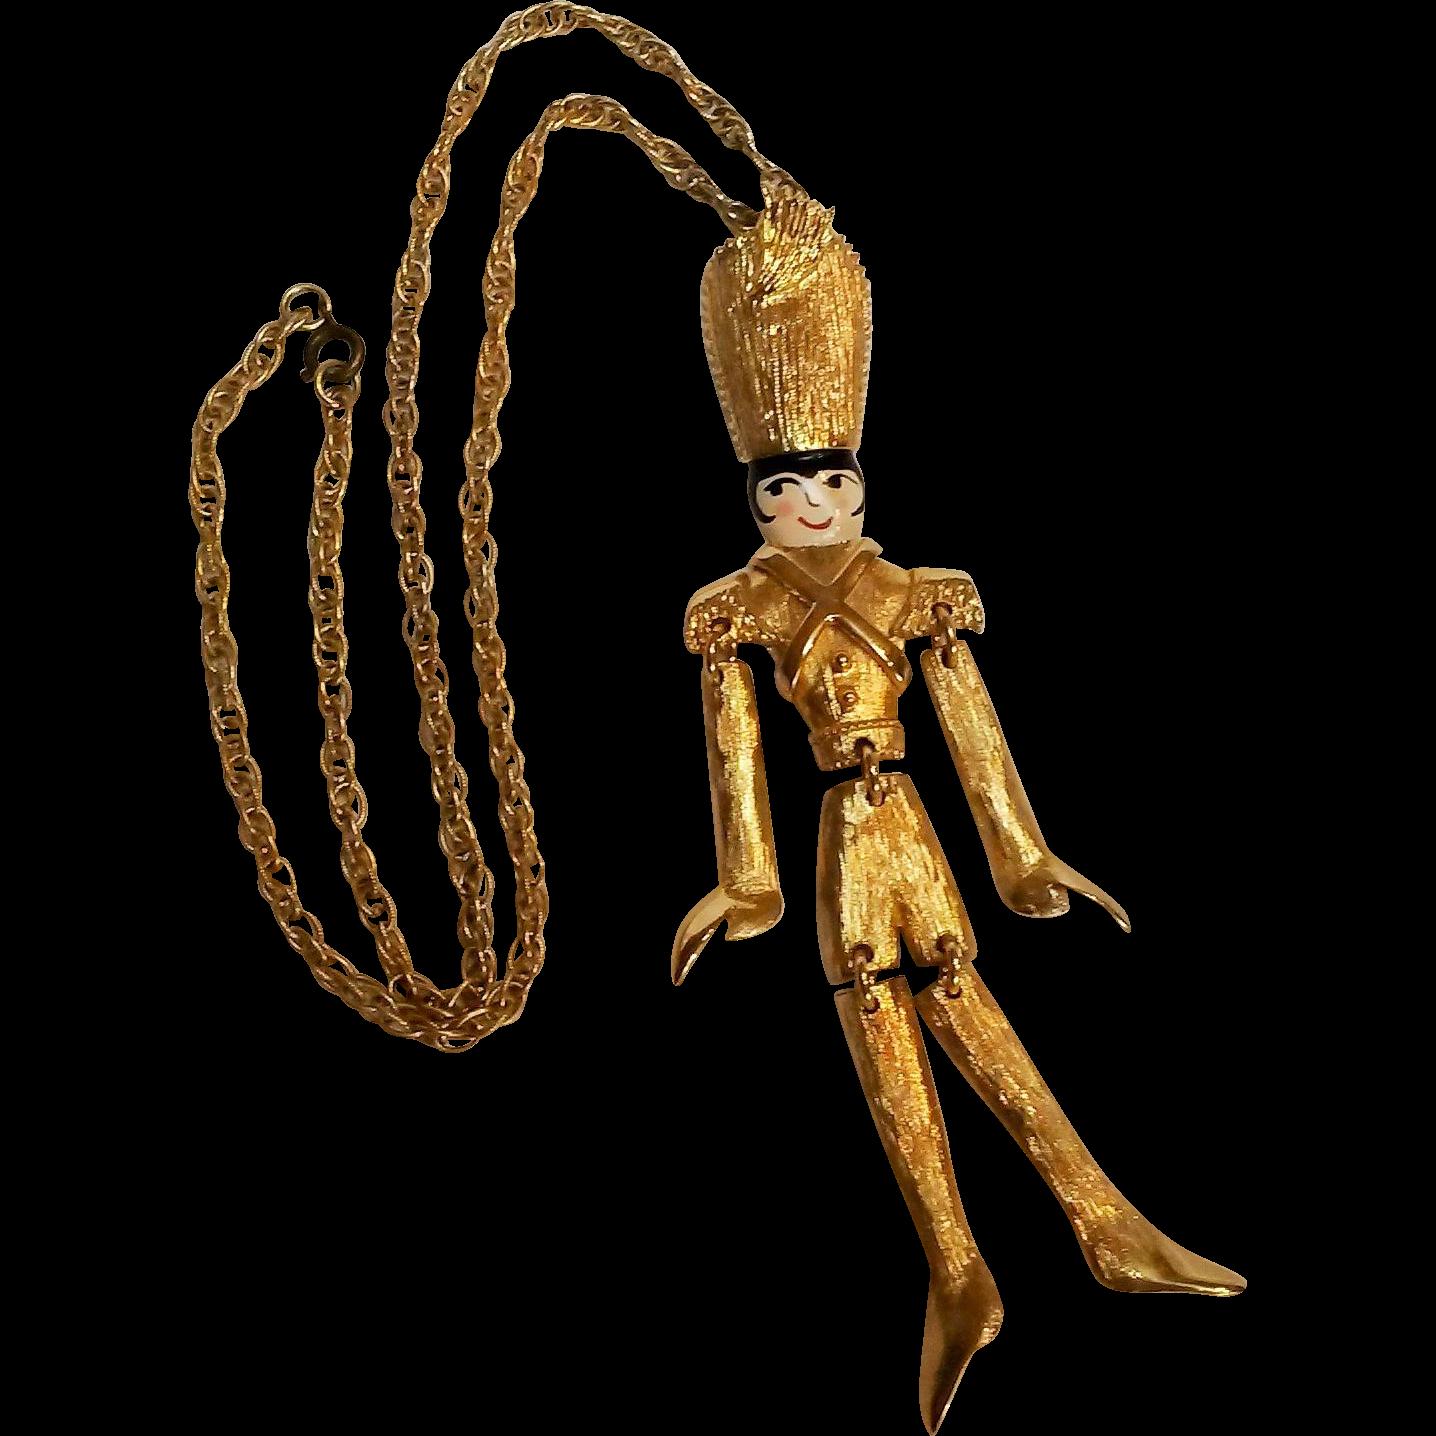 Polcini soldier puppet pendant Lee Menichetti